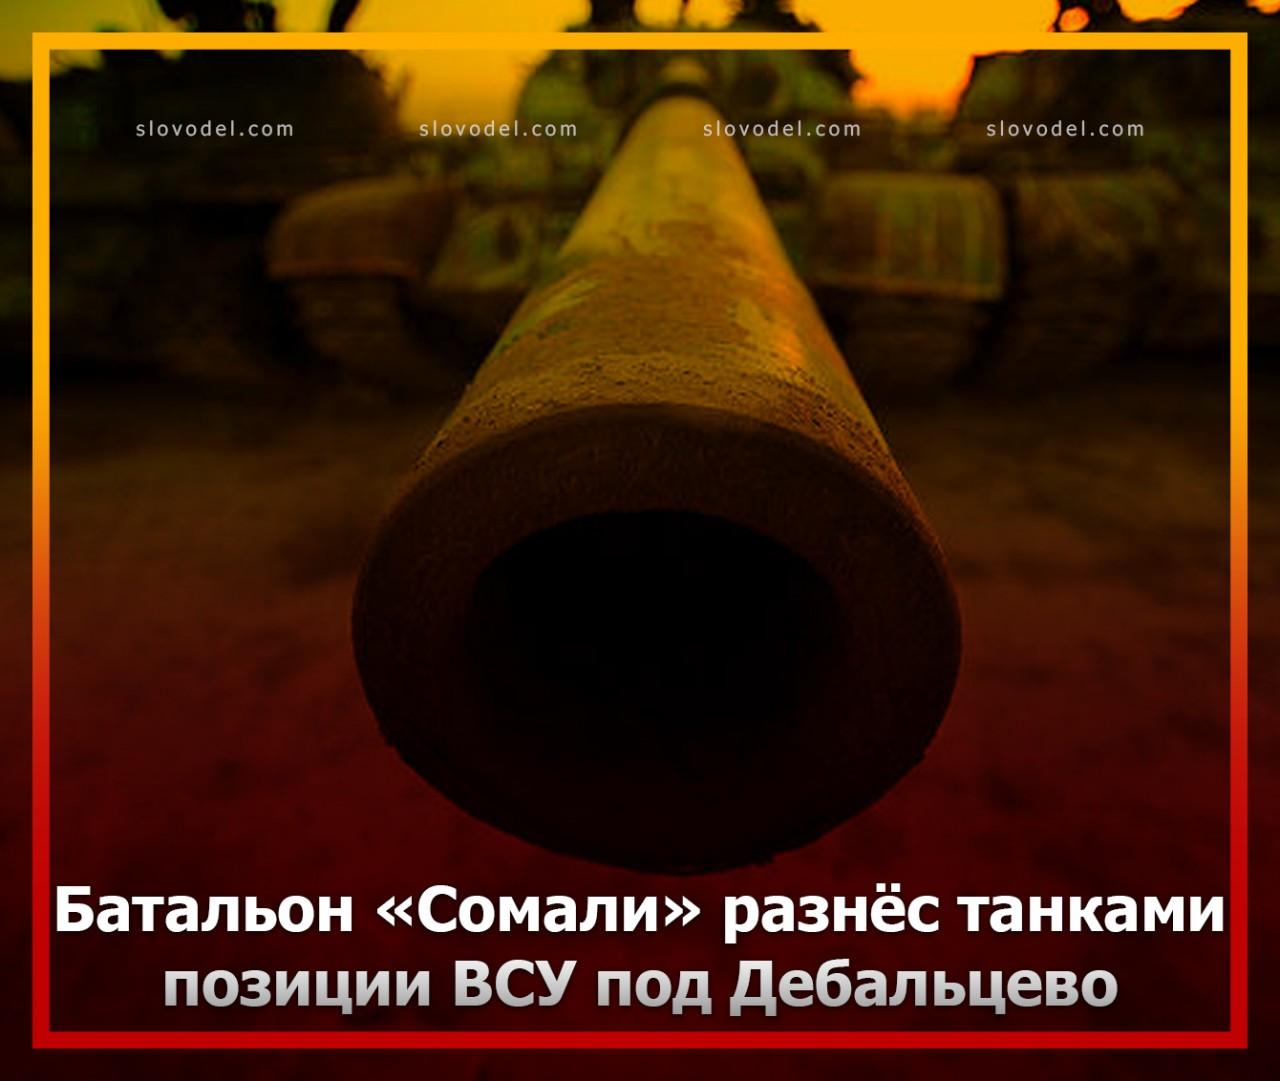 ДОНЕЦК! СРОЧНО! Батальон «Сомали» разнёс танками позиции ВСУ под Дебальцево. Ополченцы кричали: «Это вам за Гиви, сволочи!»